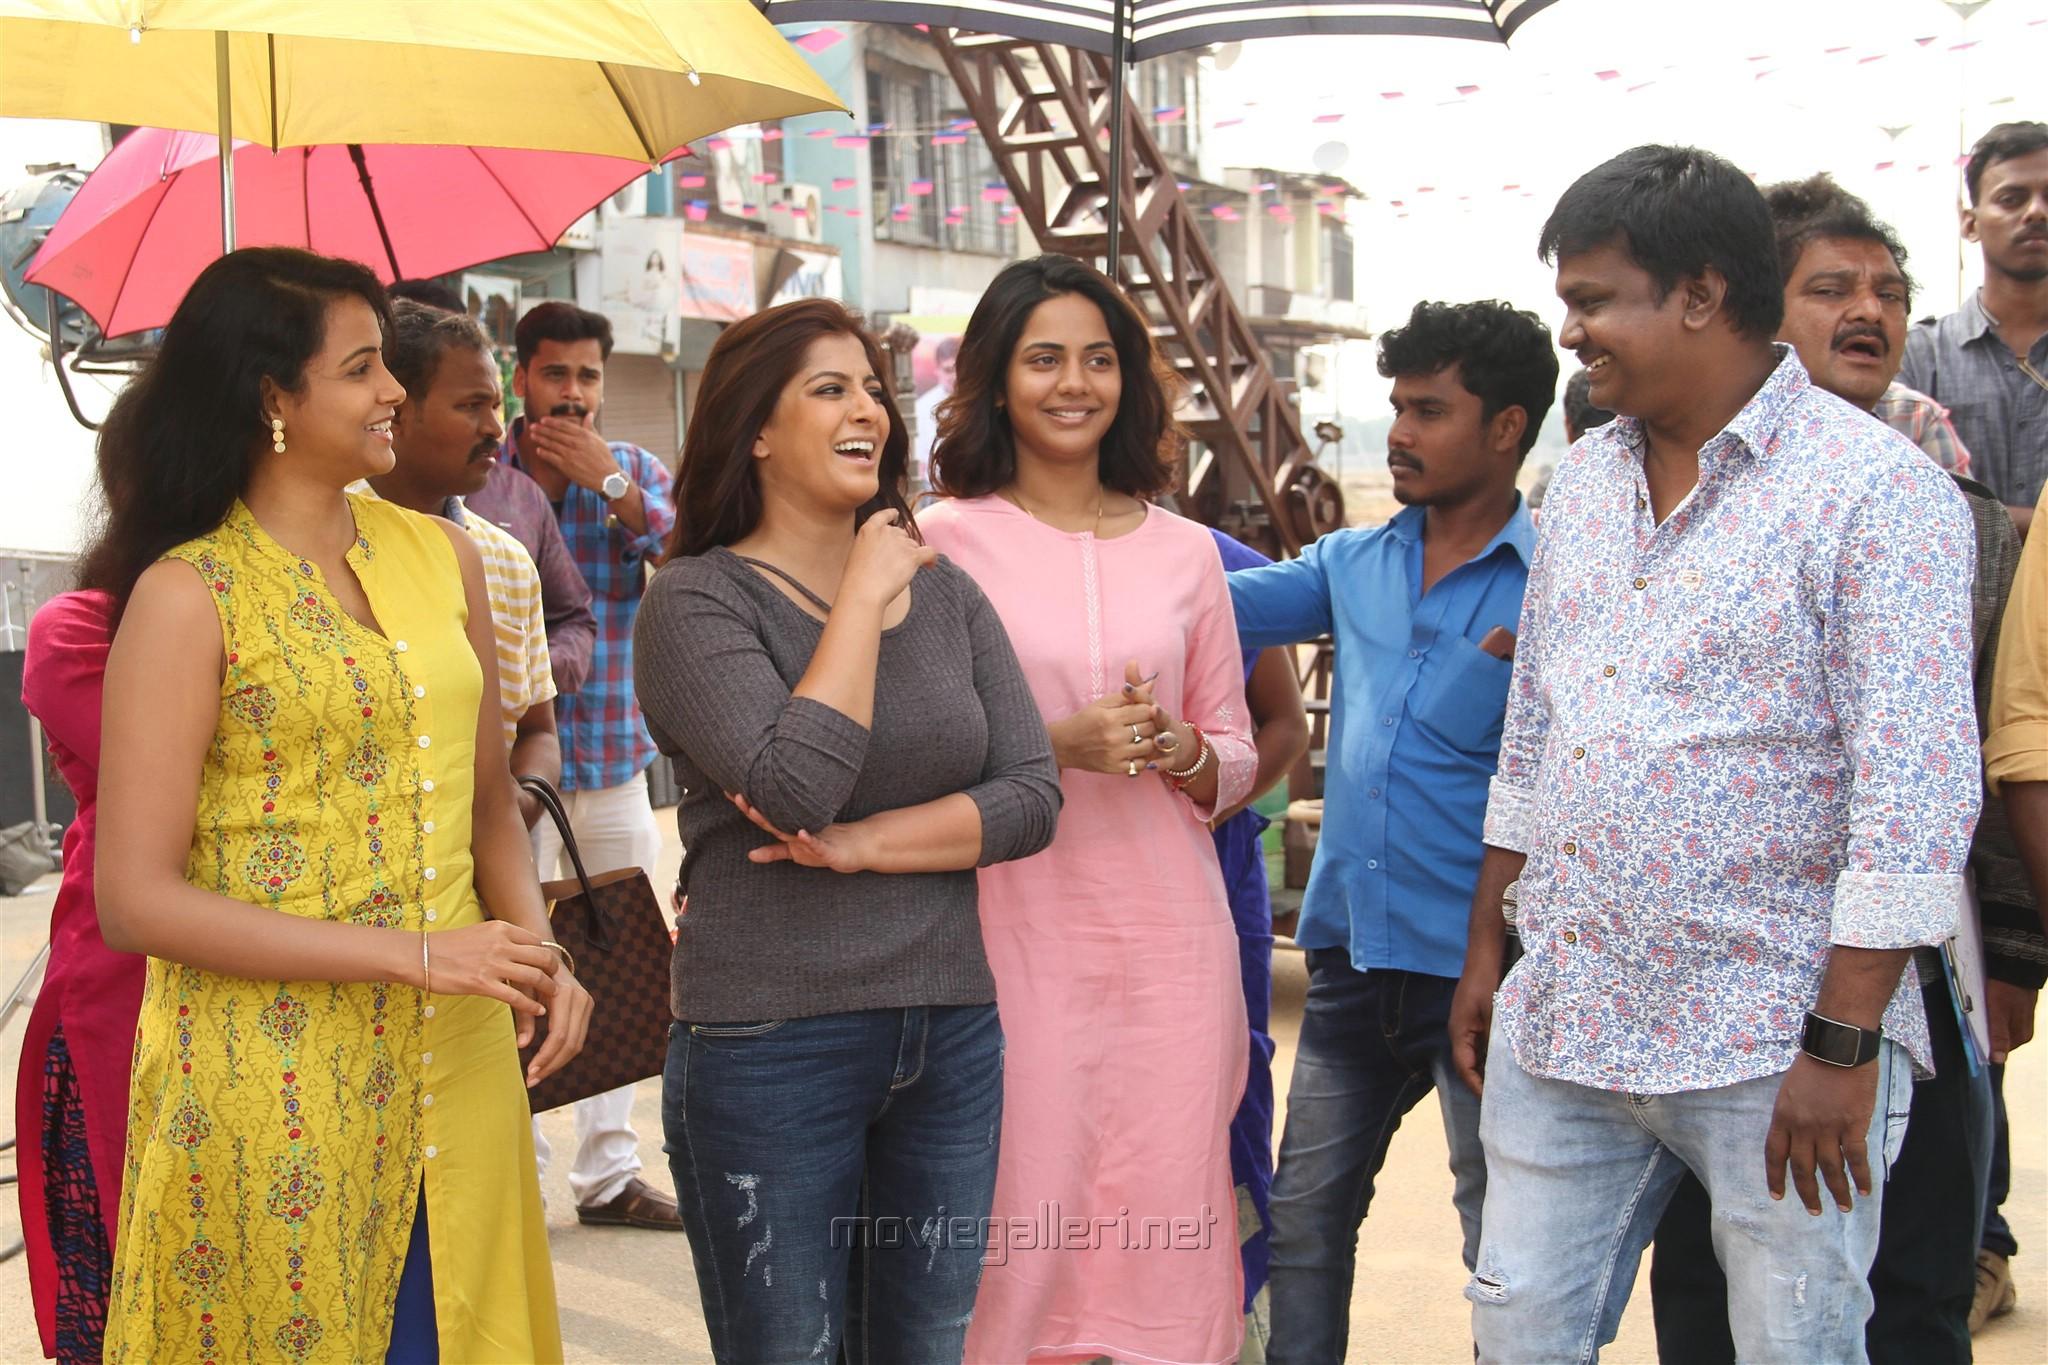 Subhiksha, Varalaxmi, Aishwarya Dutta, Sundar Balu @ Kannitheevu Movie Pooja Stills